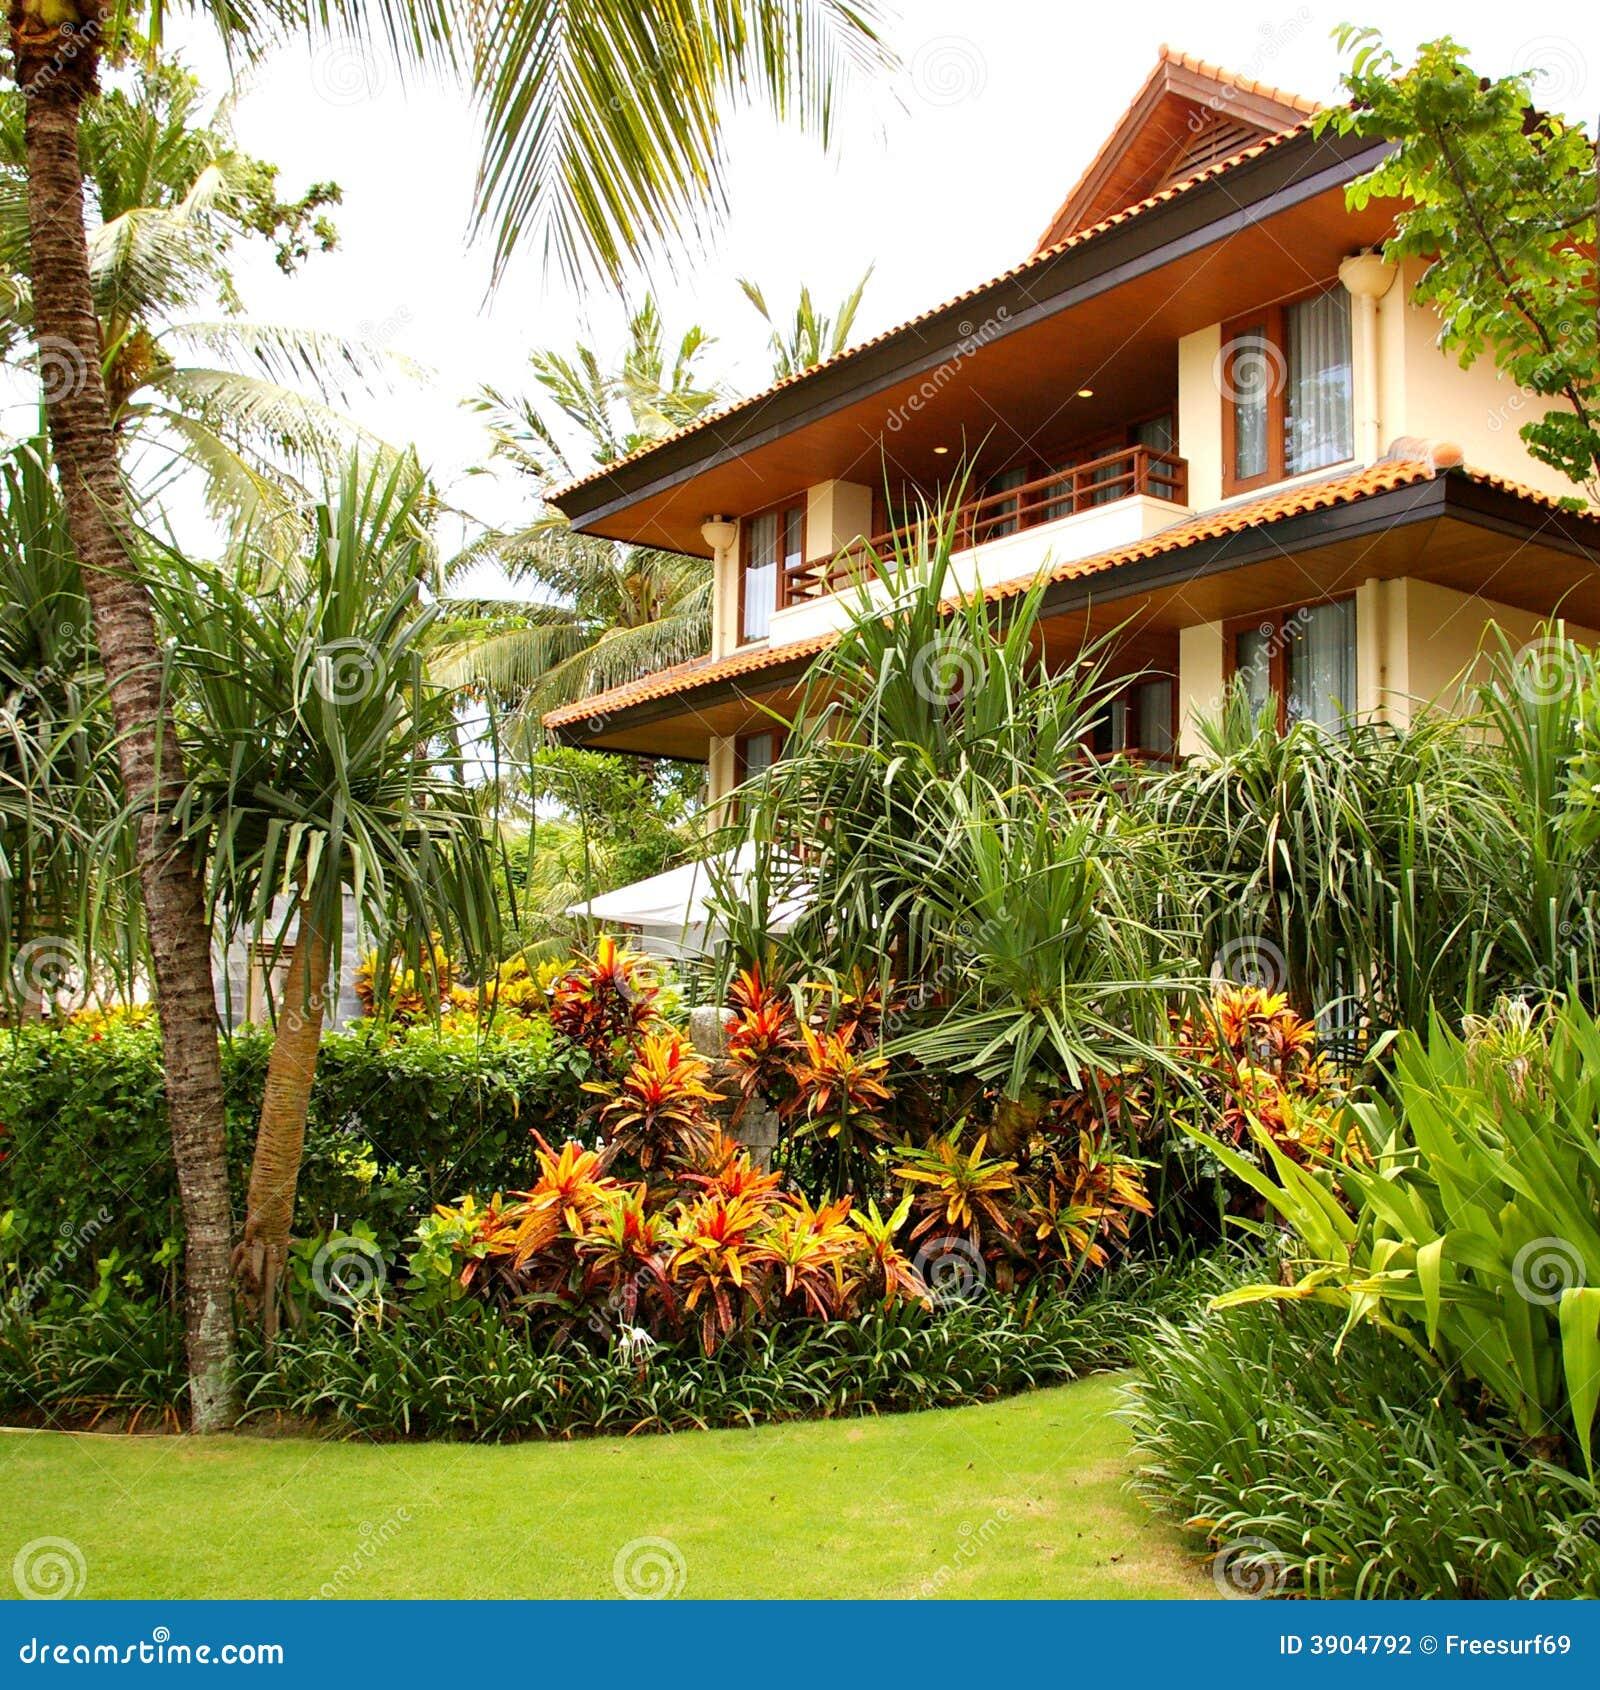 Casa de campo com jardim fotografia de stock imagem 3904792 for Casas e jardins simples